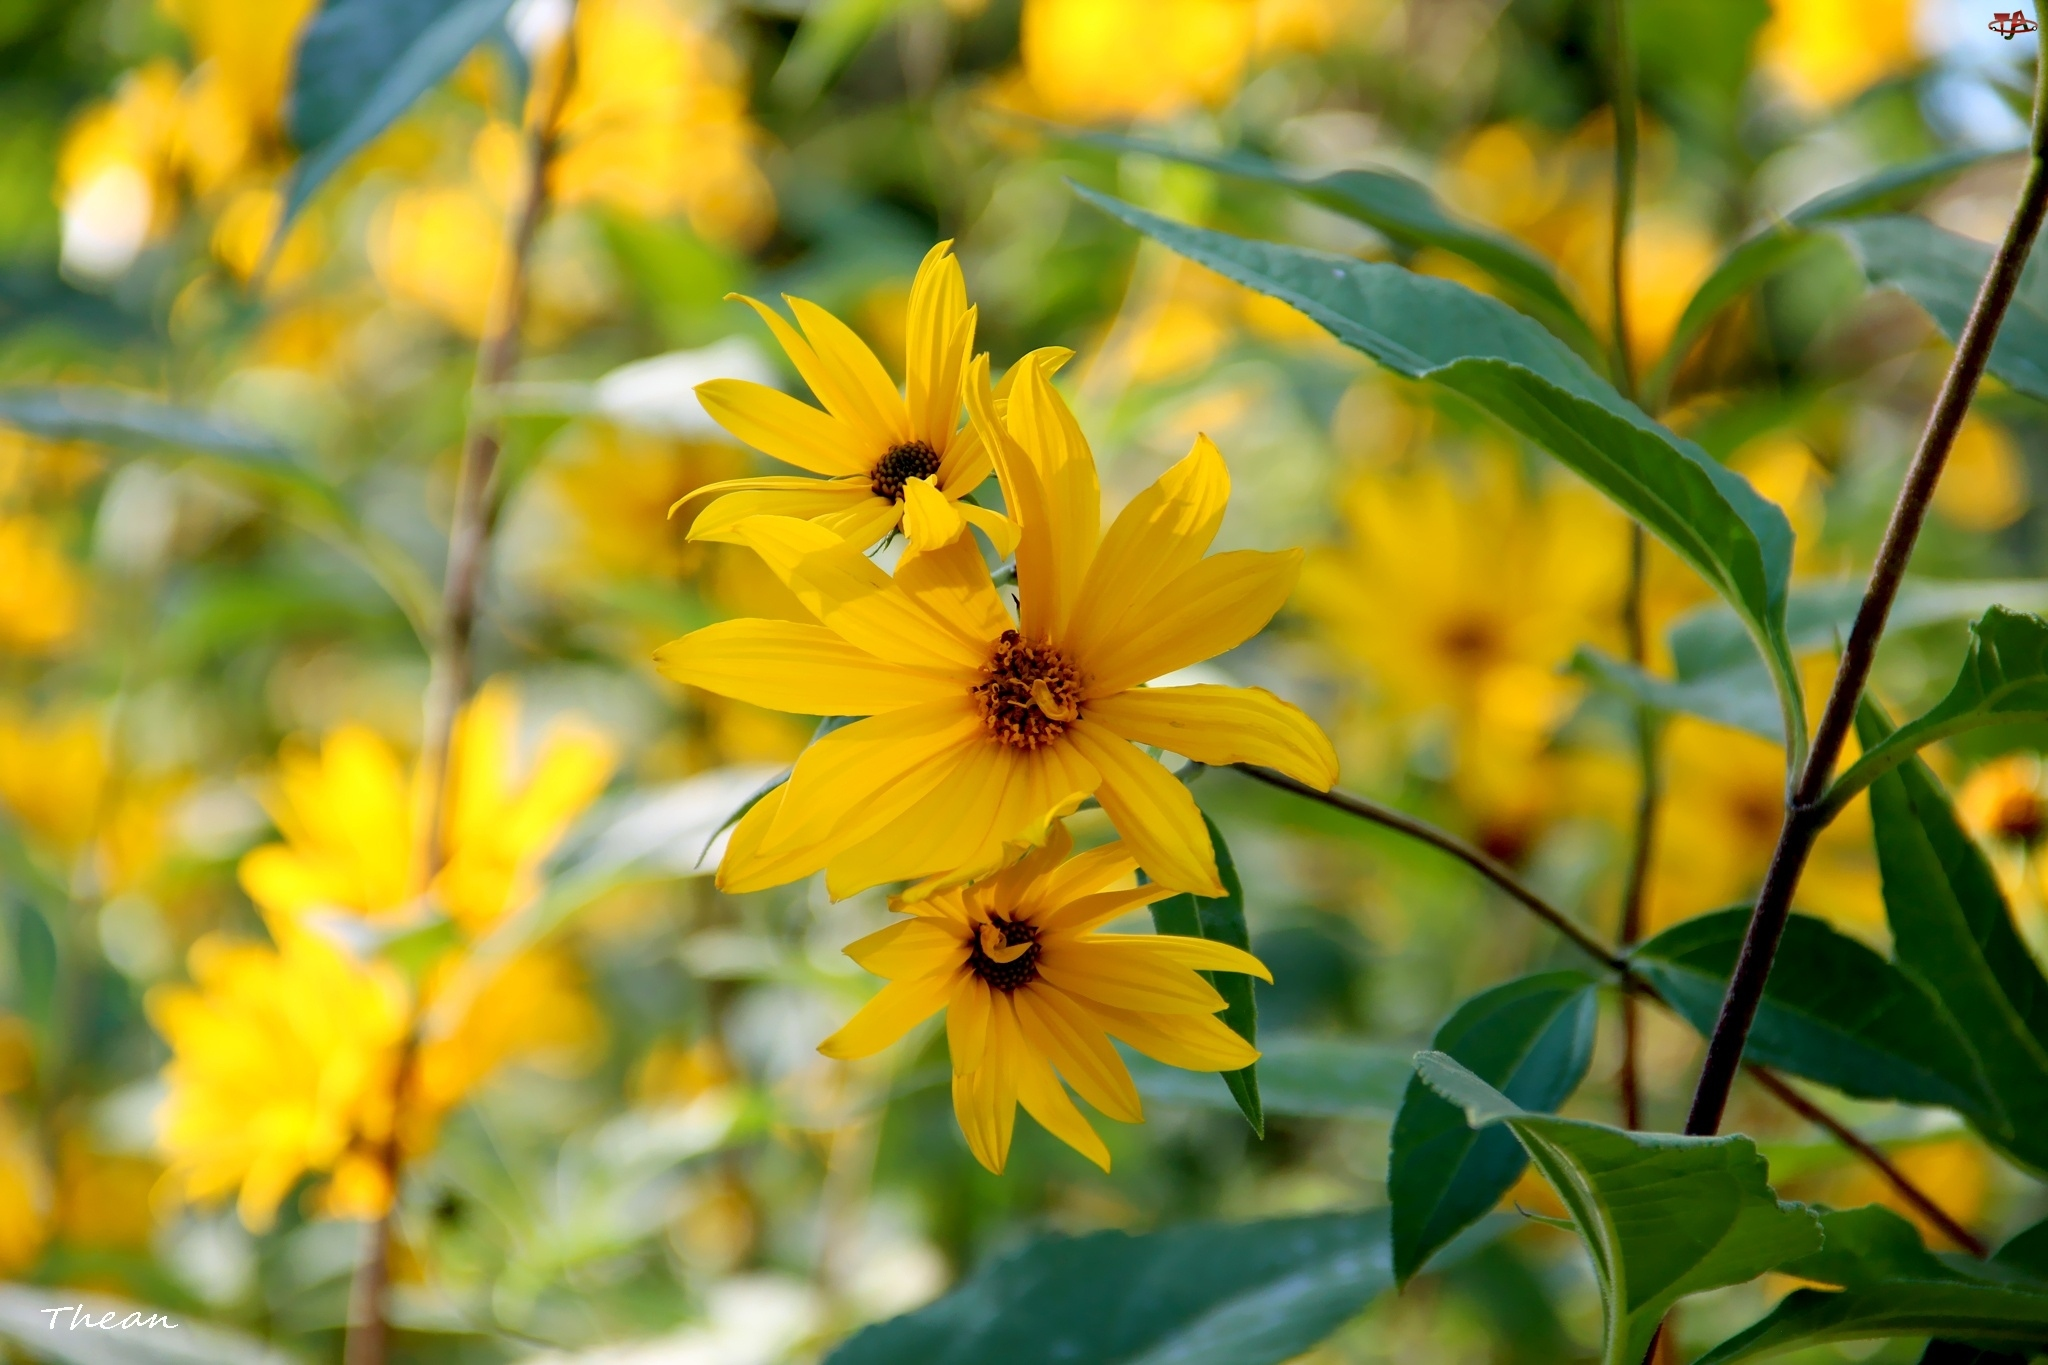 Szorstki, Żółte, Kwiaty, Słoneczne, Słoneczniczek